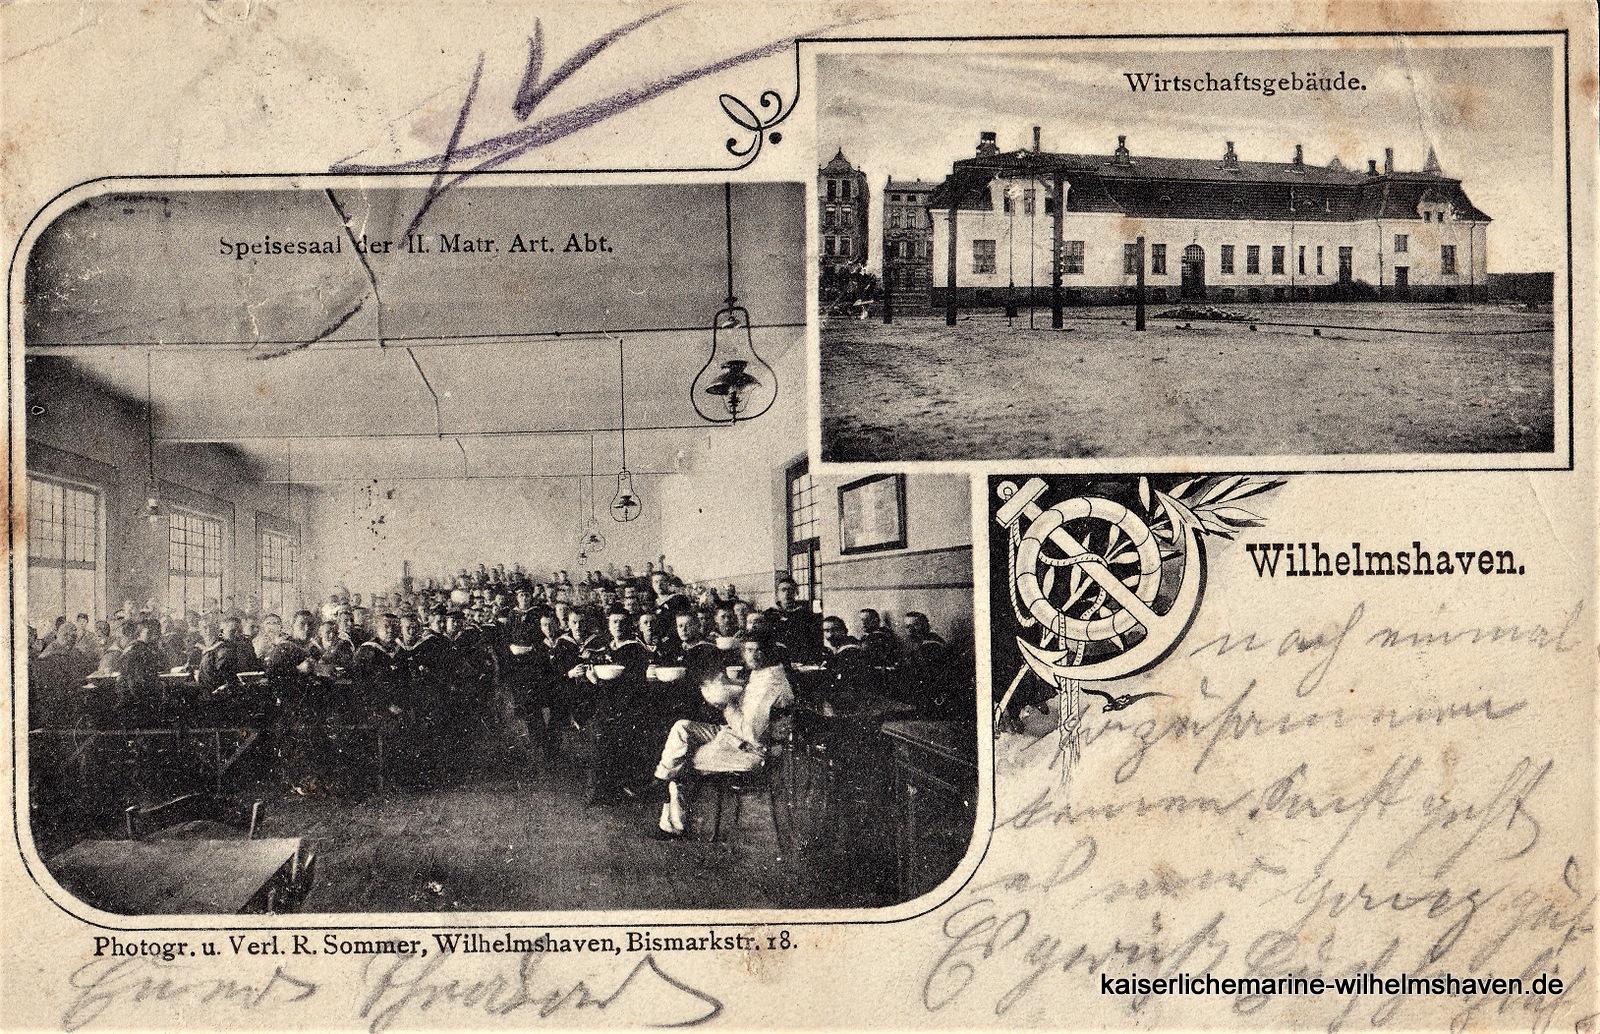 Frühe Aufnahme des Wirtschaftsgebäudes für die Matrosen-Artillerie-Abteilung am nördlichen Ende der Kaserne an der Gökerstraße